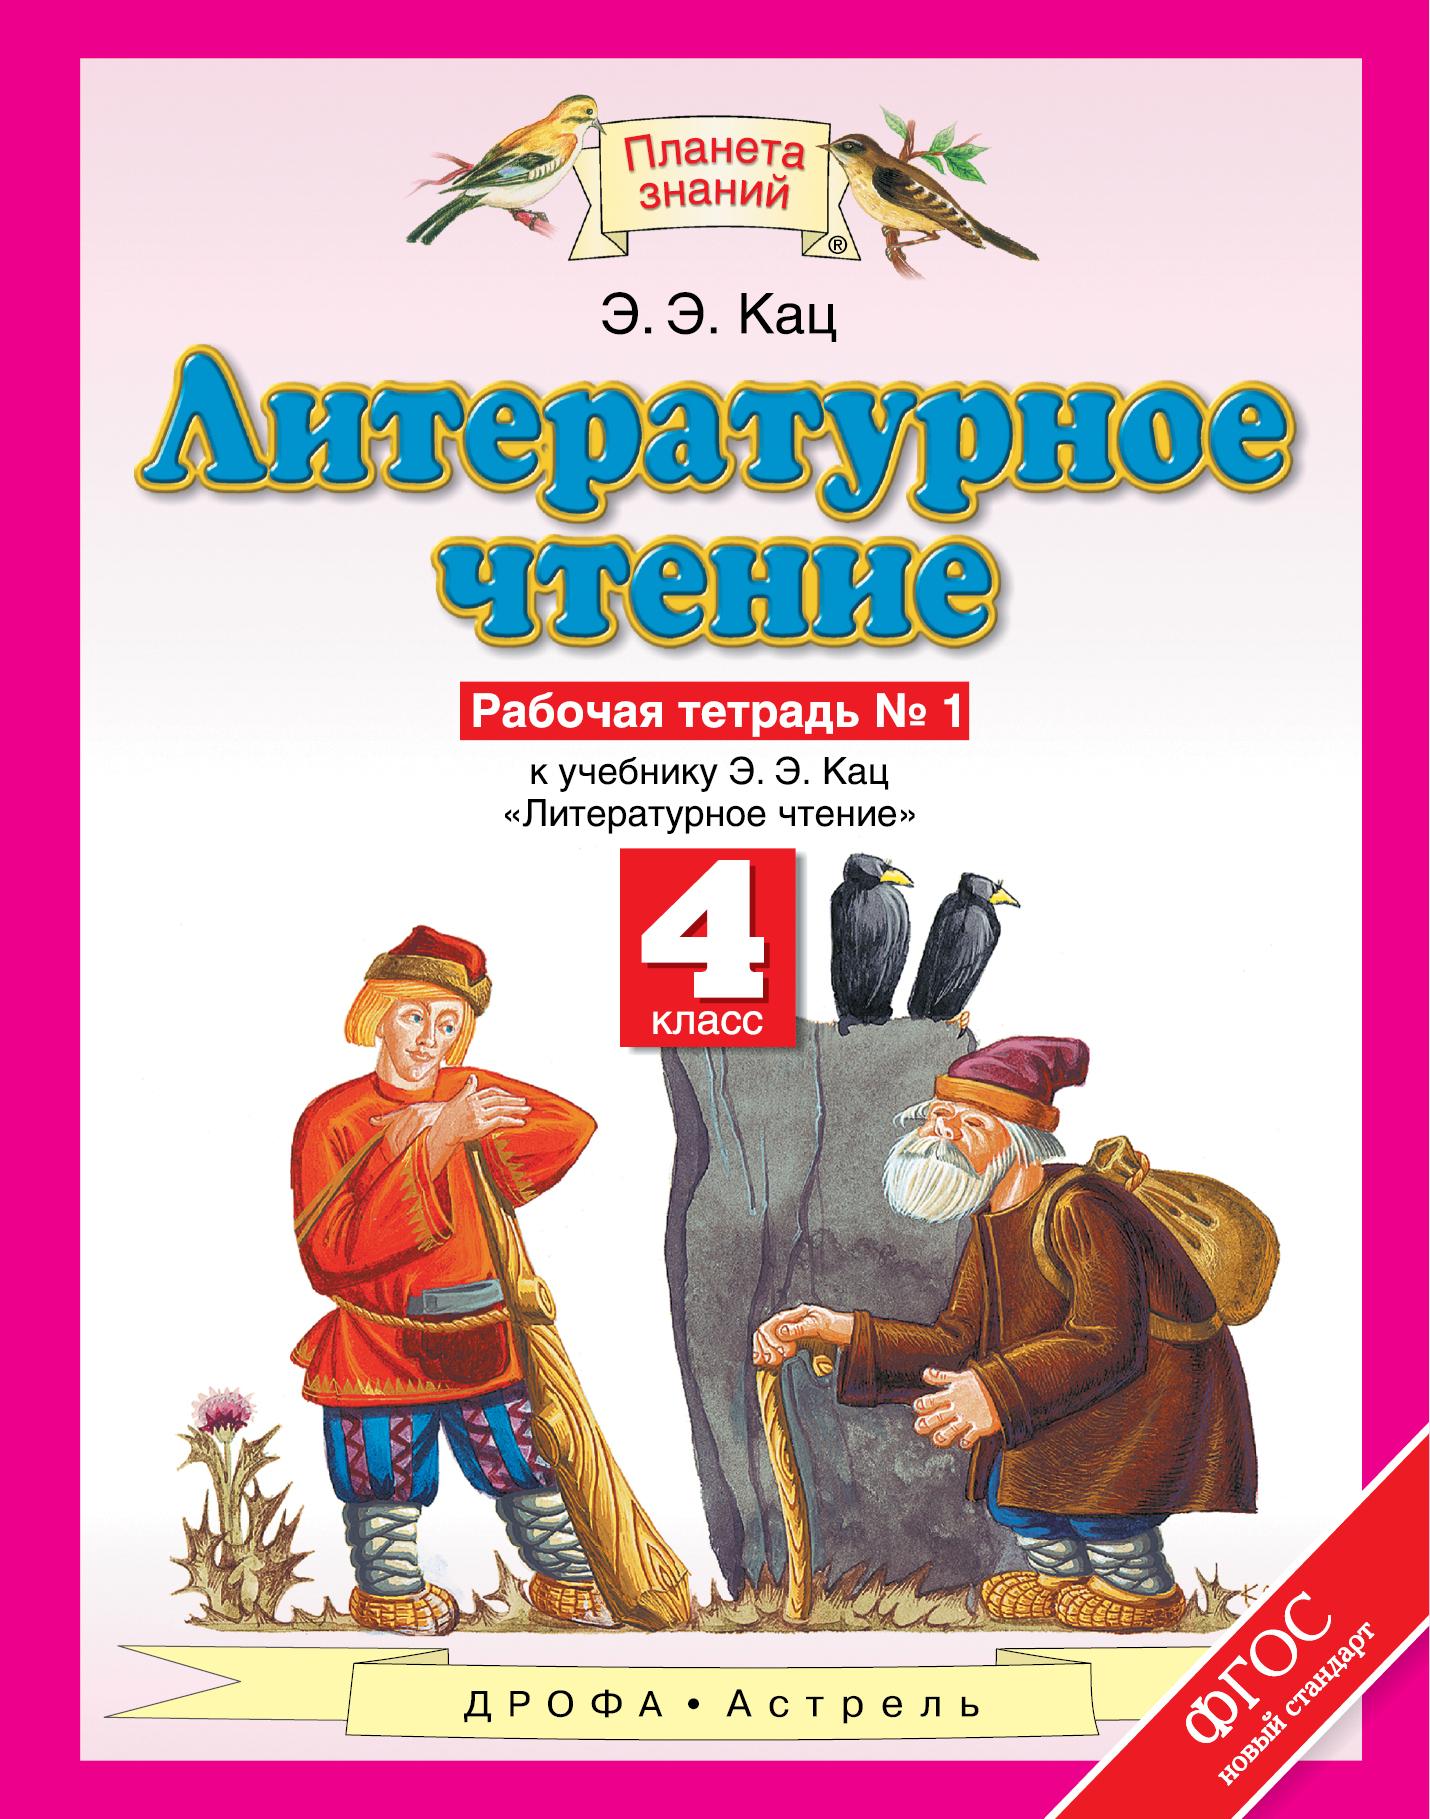 Кац Элла Эльханоновна Литературное чтение. 4 класс. Рабочая тетрадь №1